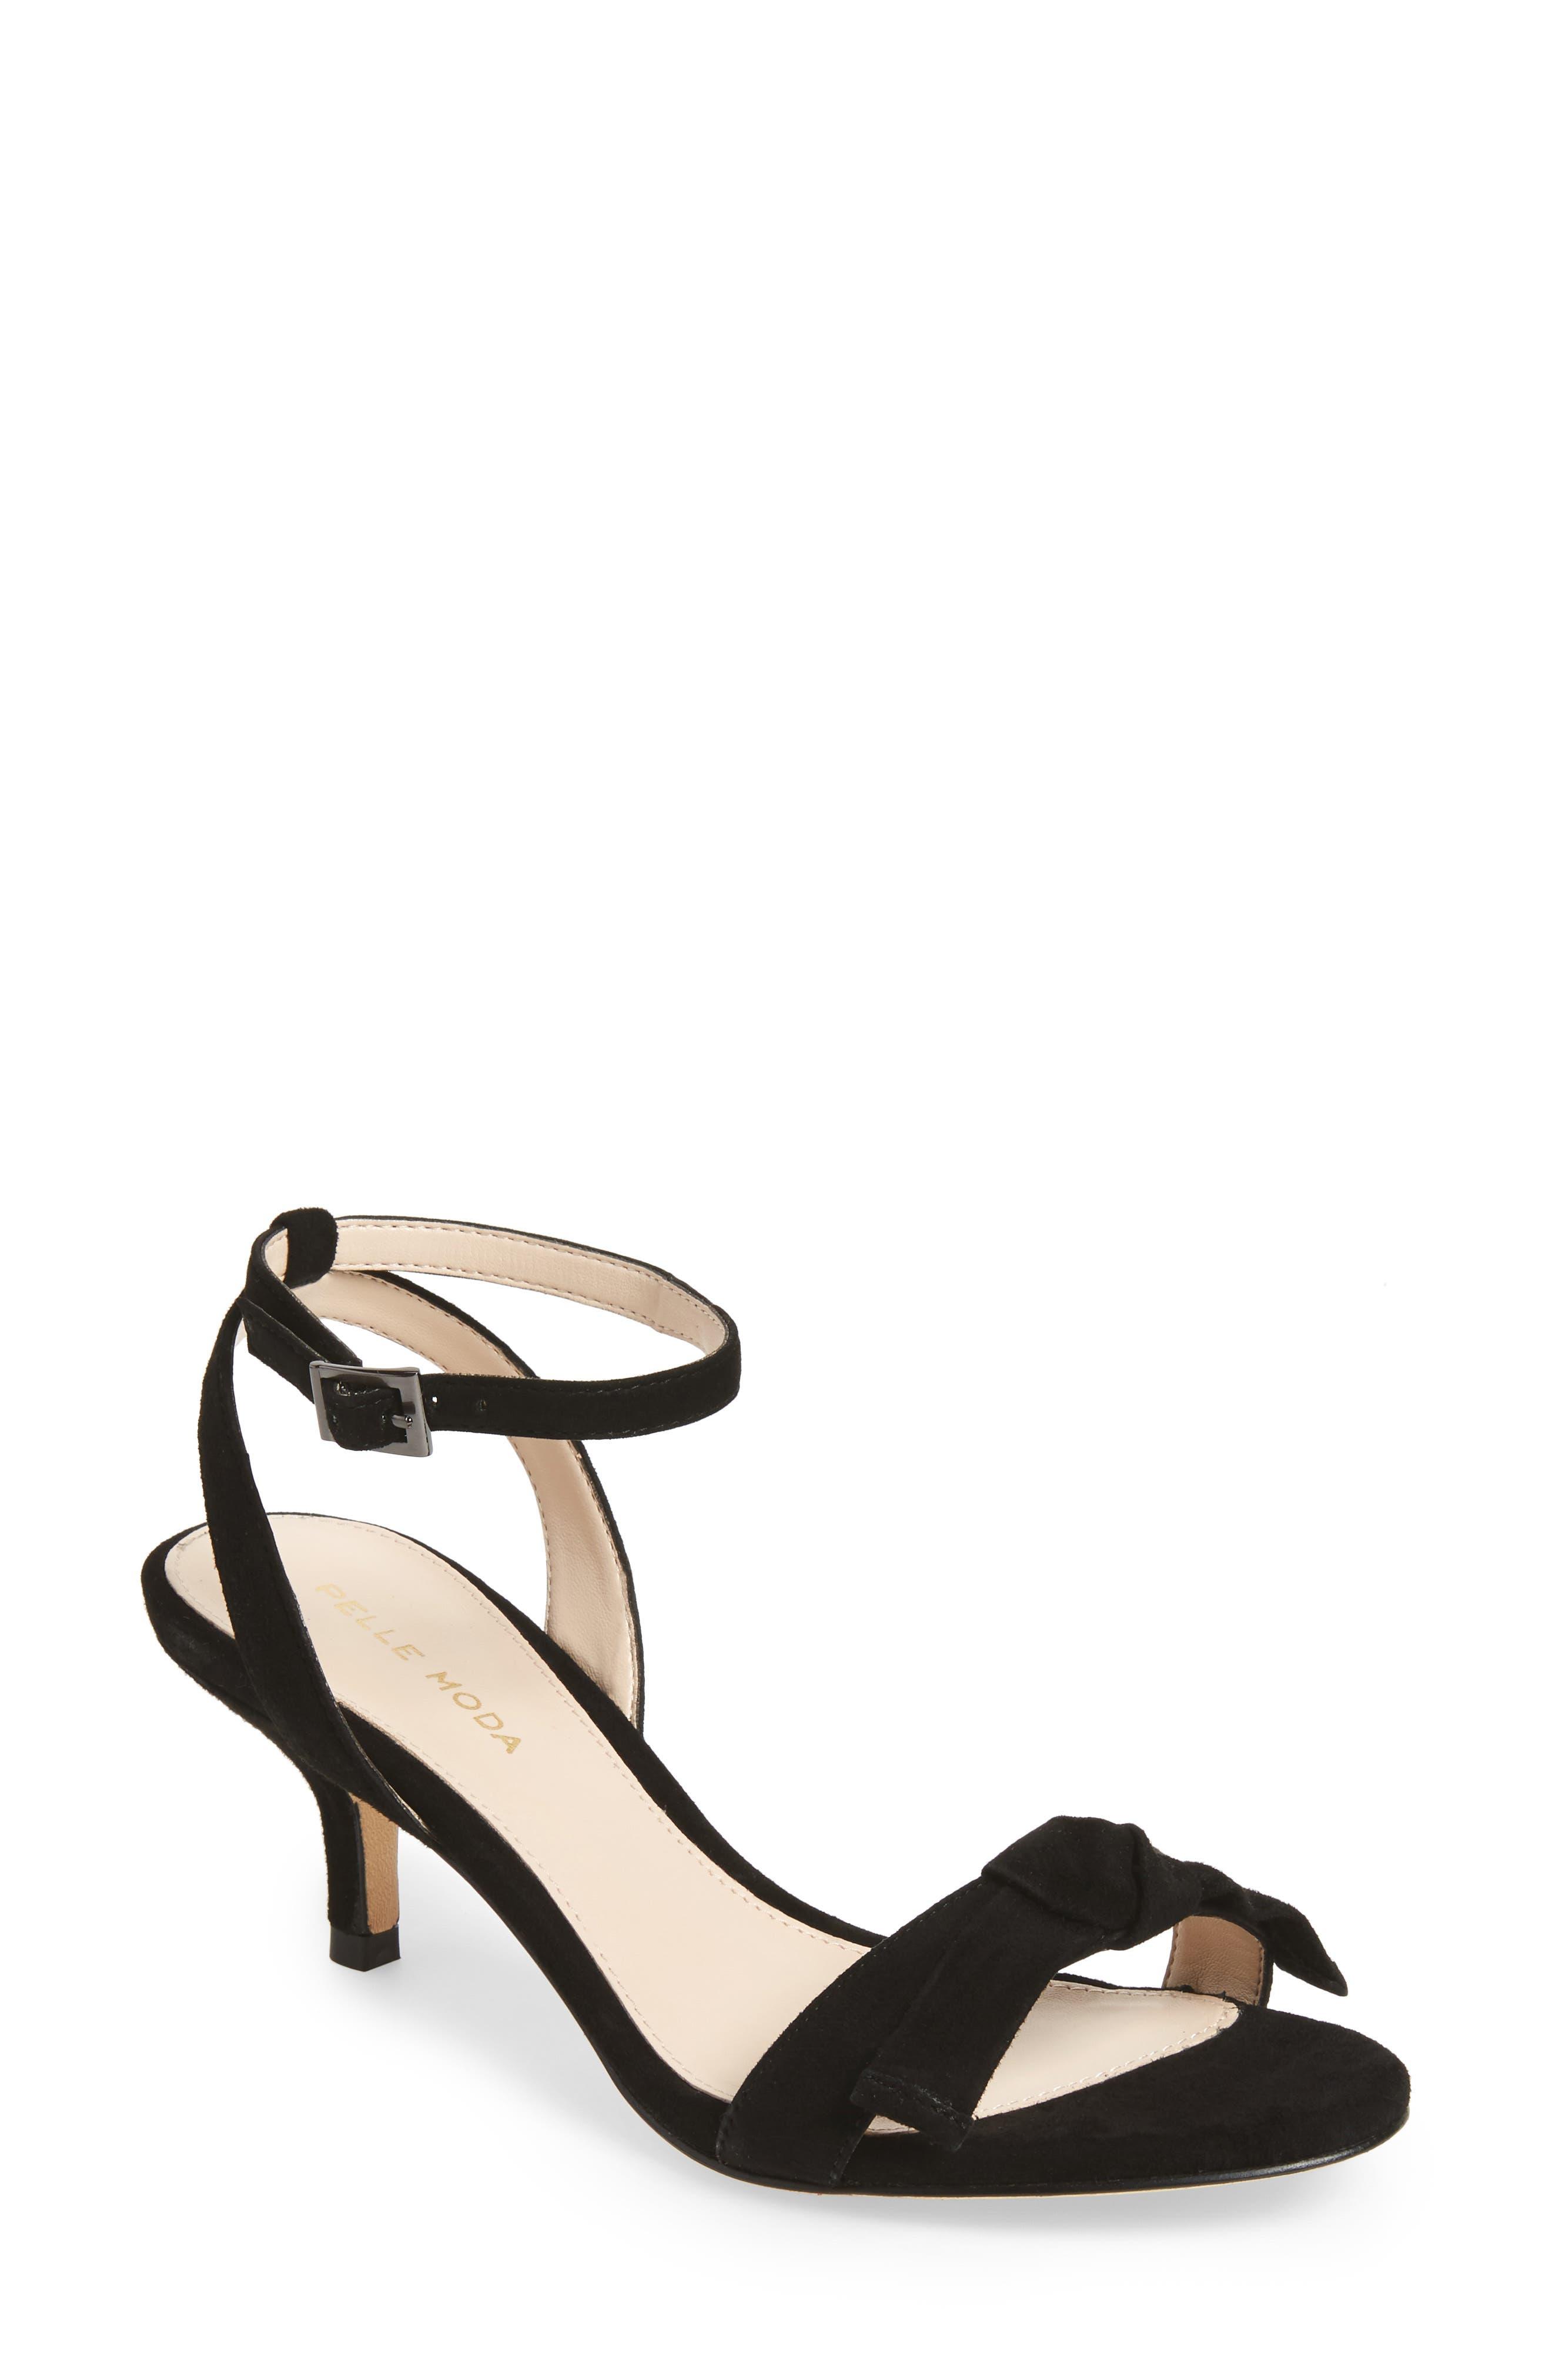 Alexia 2 Sandal,                         Main,                         color, Black Suede